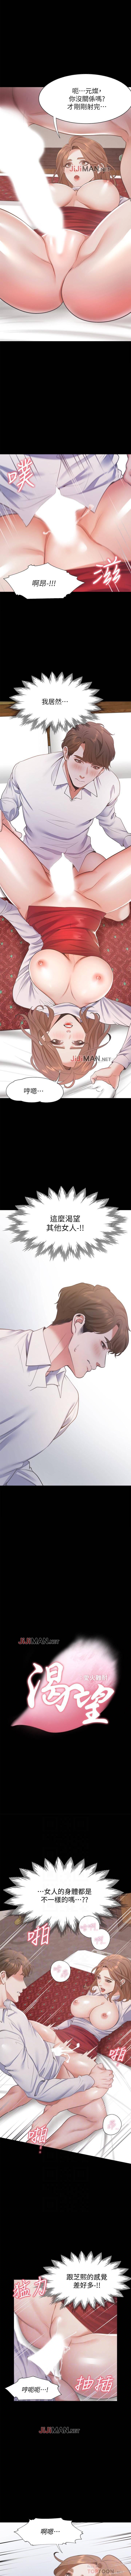 【周五连载】渴望:爱火难耐(作者:Appeal&格子17) 第1~24话 113